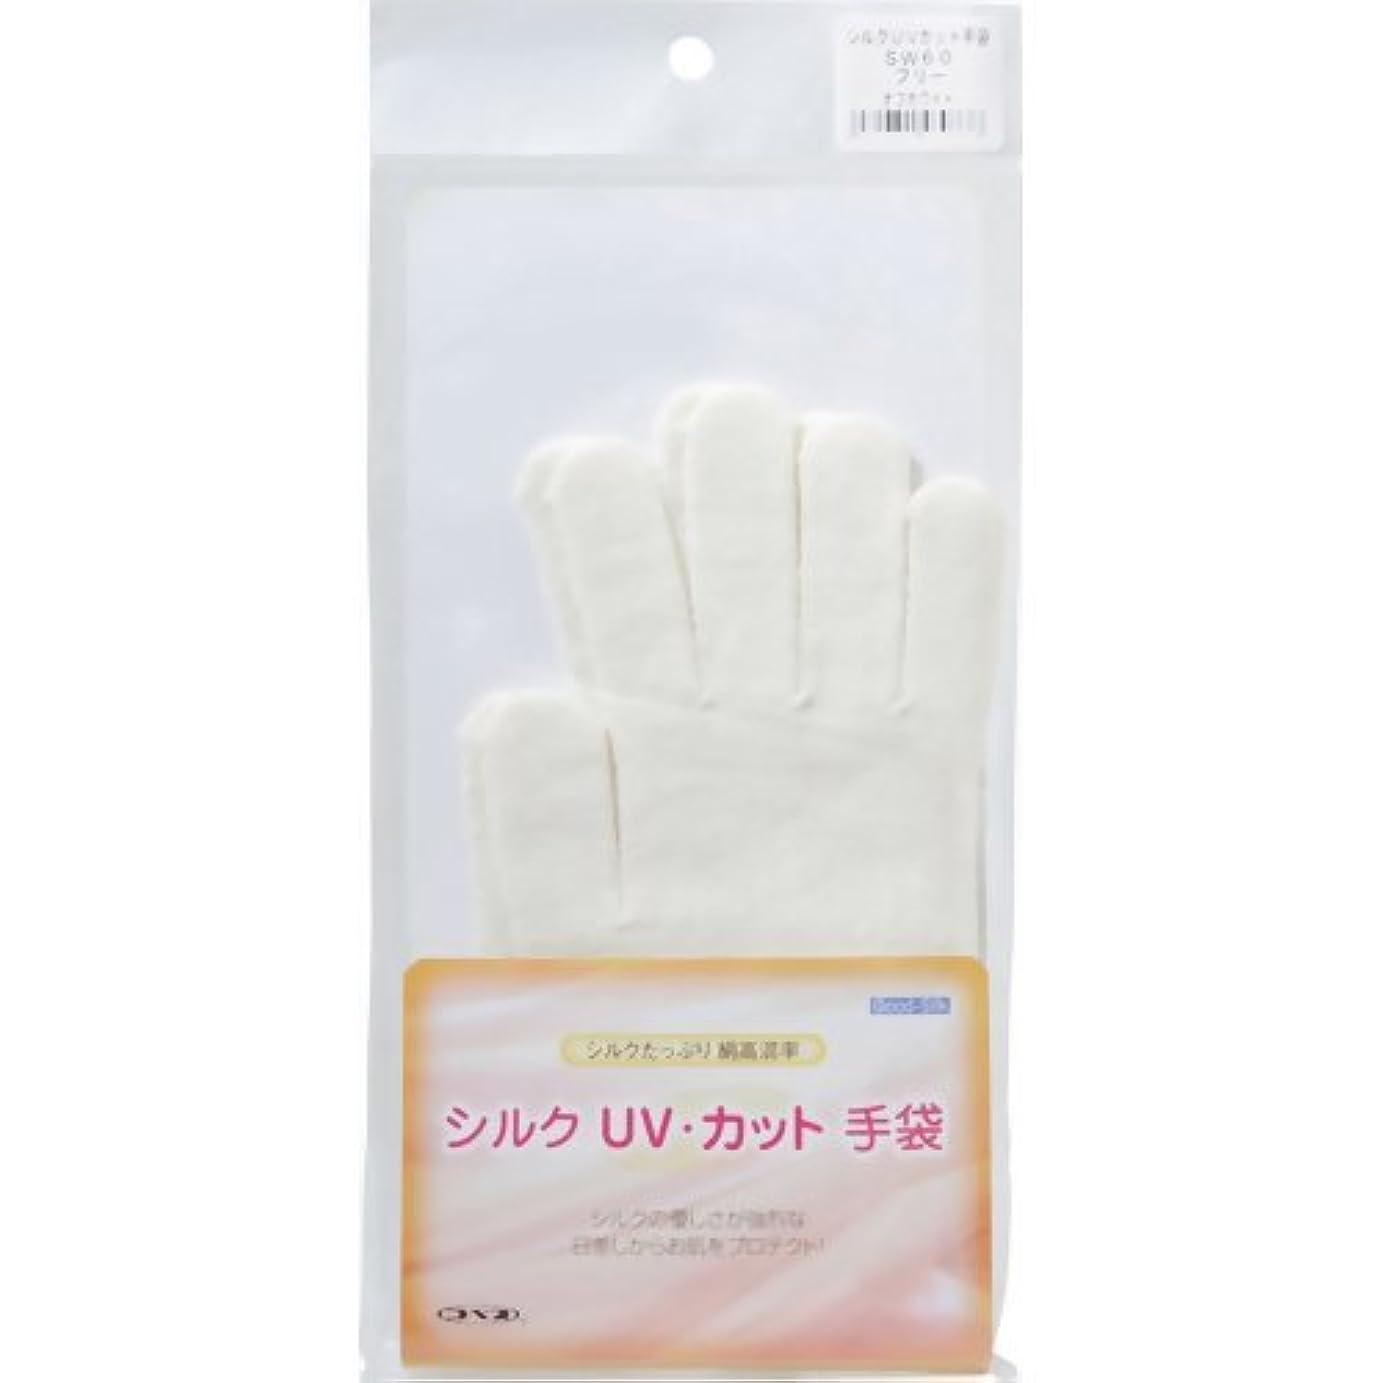 耐久年金受給者便利さシルクUV カット手袋 オフホワイト